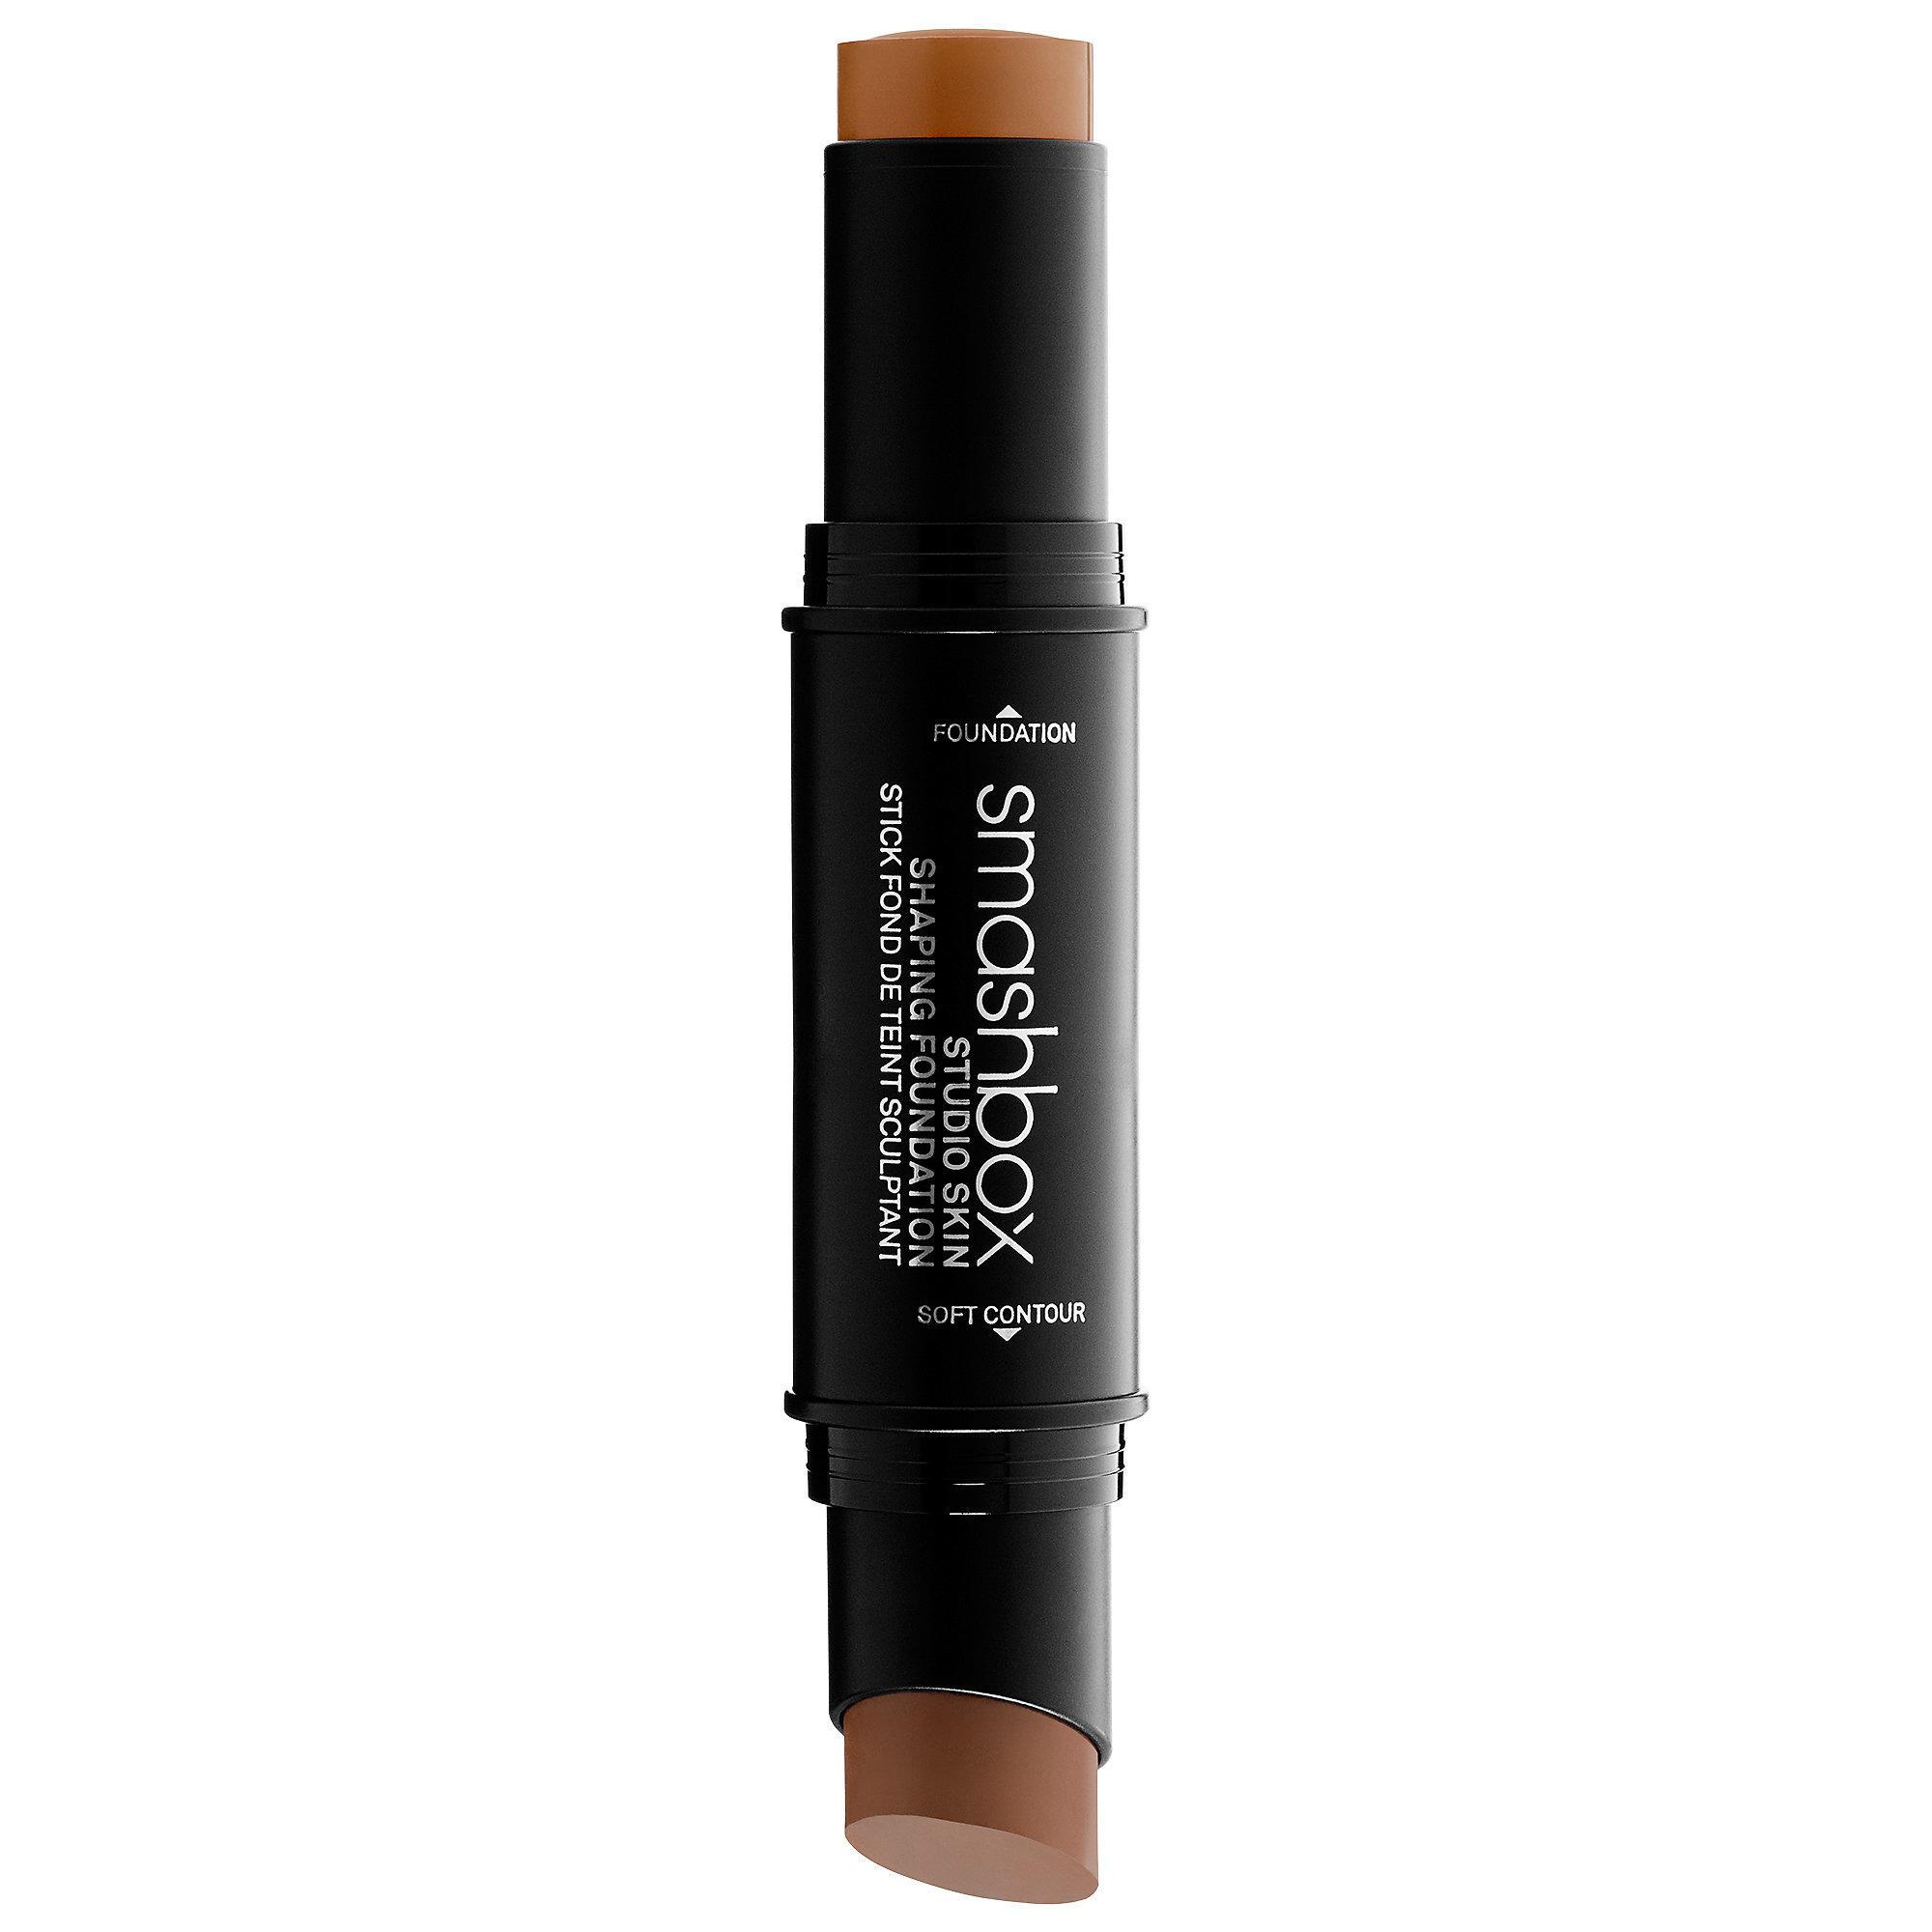 Smashbox Studio Skin Face Shaping Foundation Stick 4.2